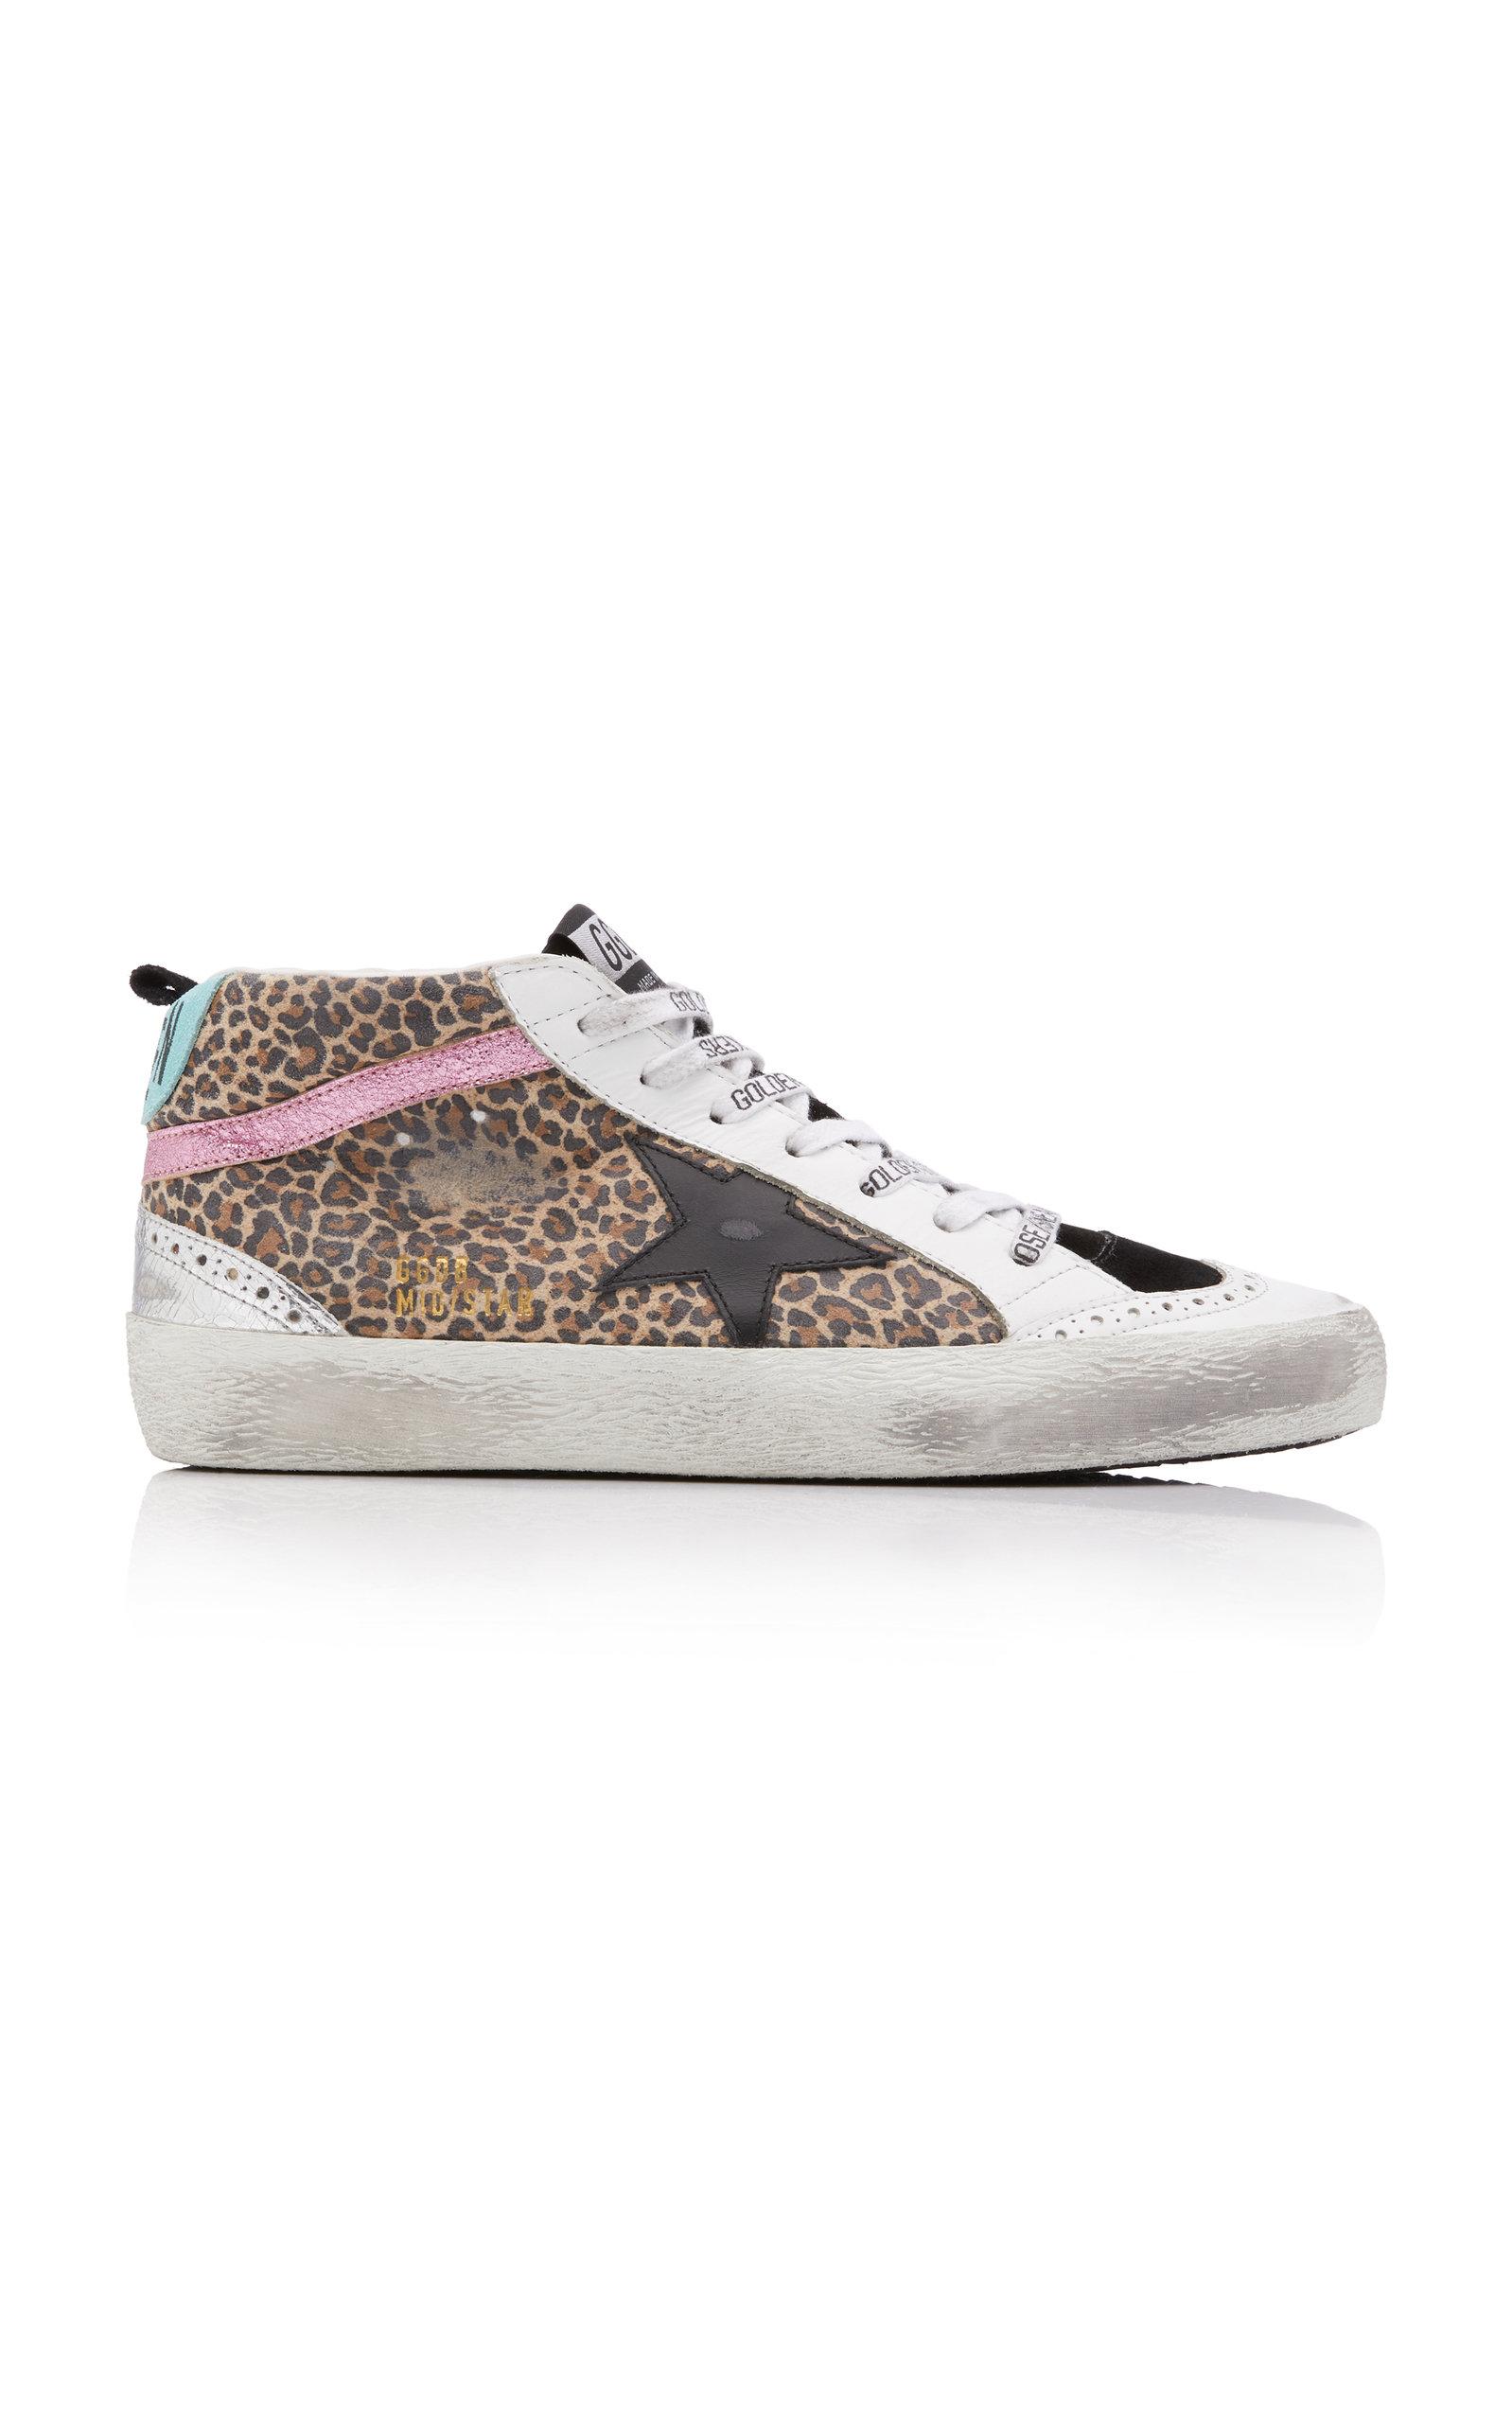 Golden Goose - Women's Mid-Star Leopard Leather Sneakers - Multi - Moda Operandi